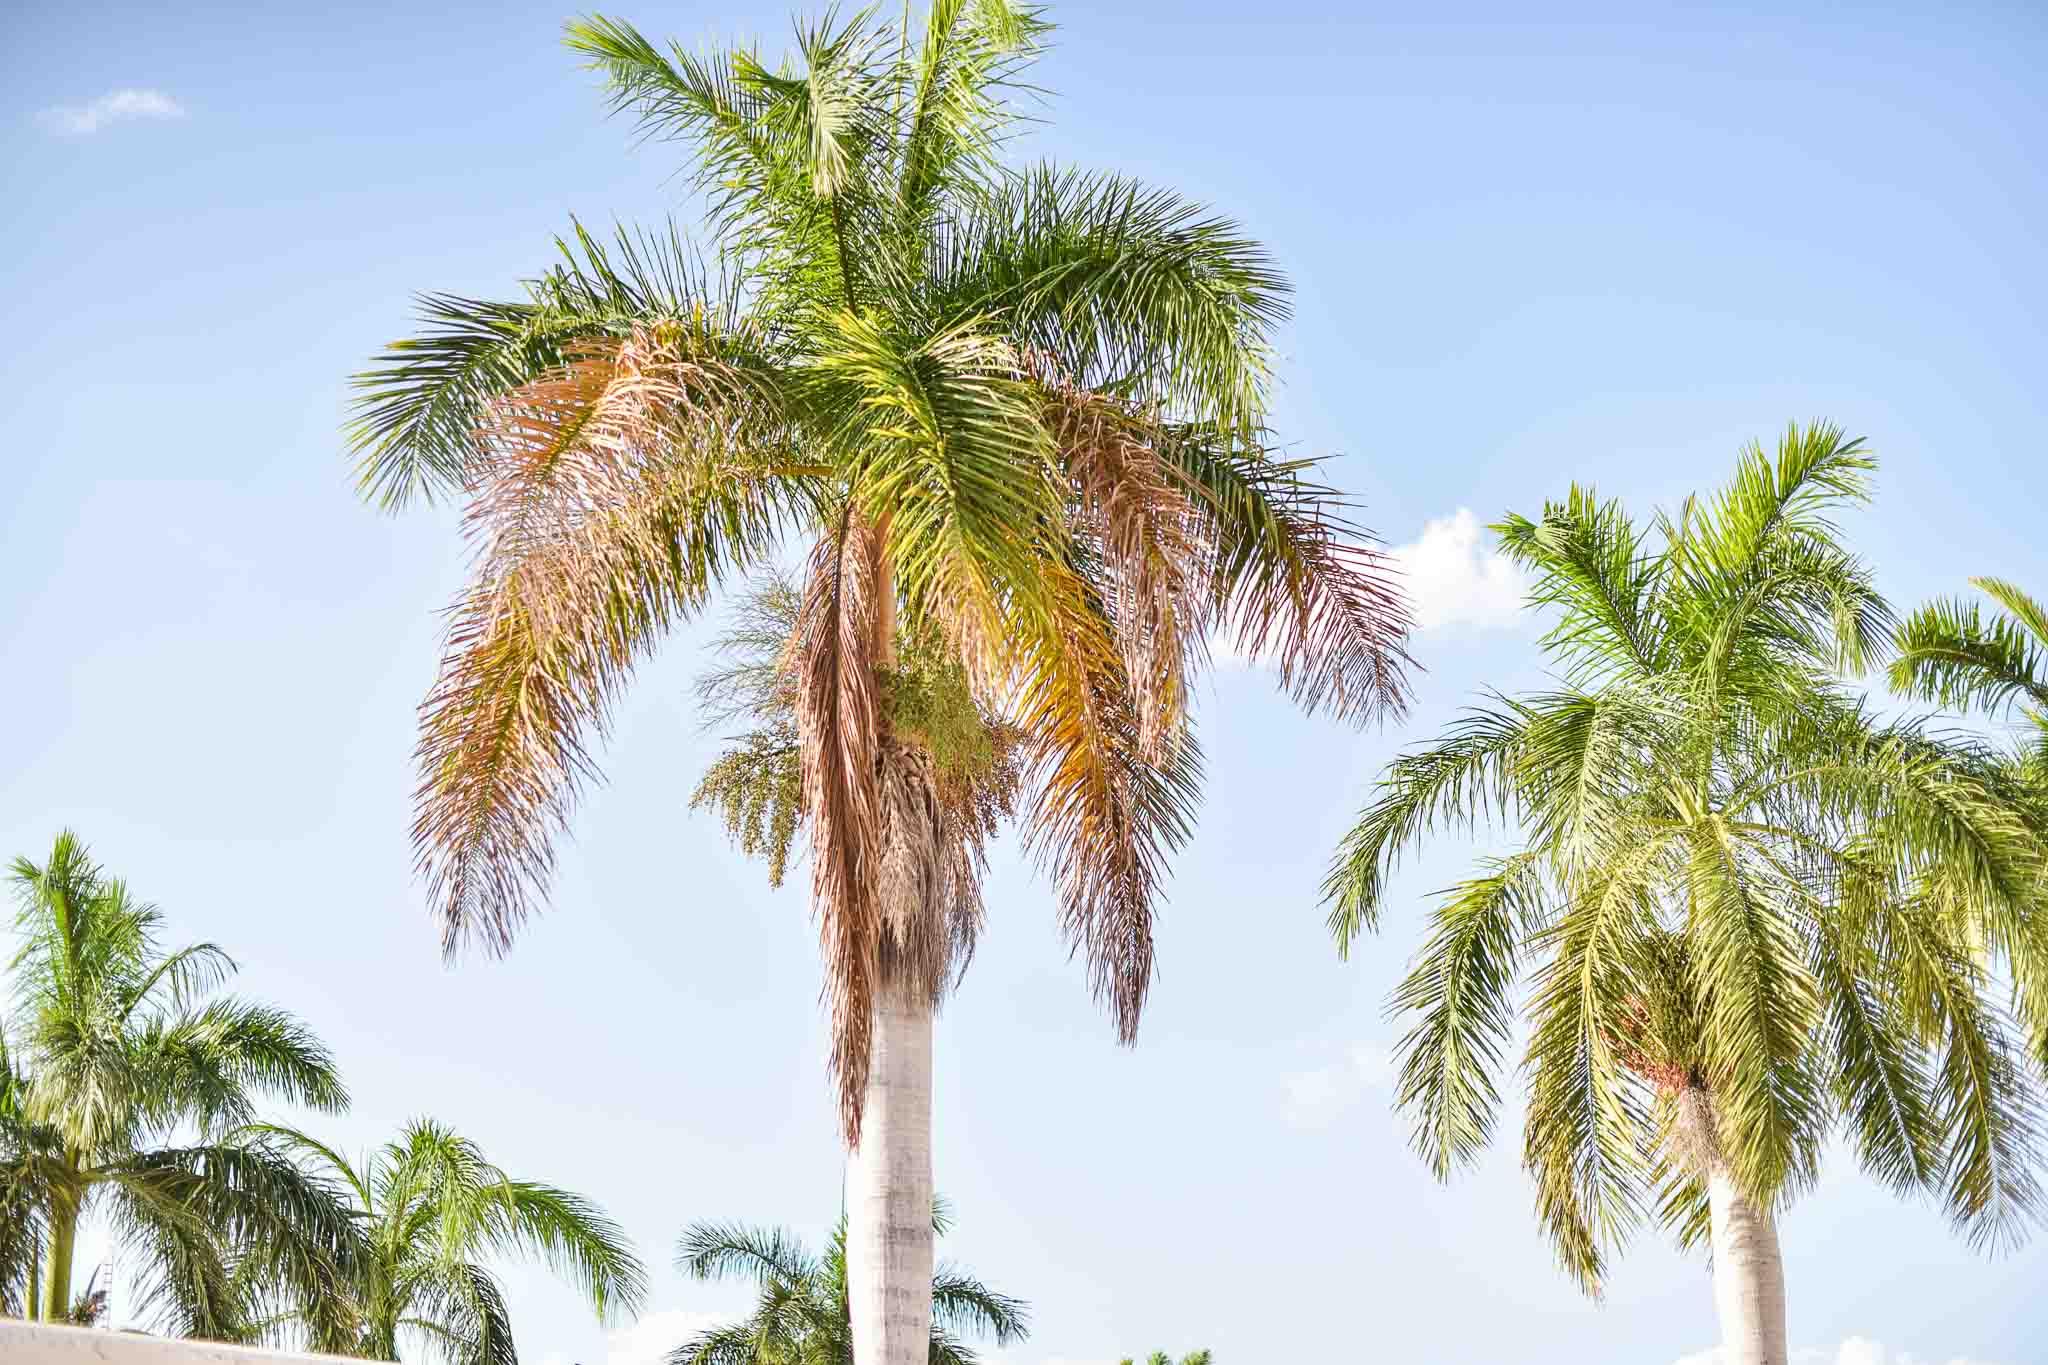 campeche mexique idée voyage